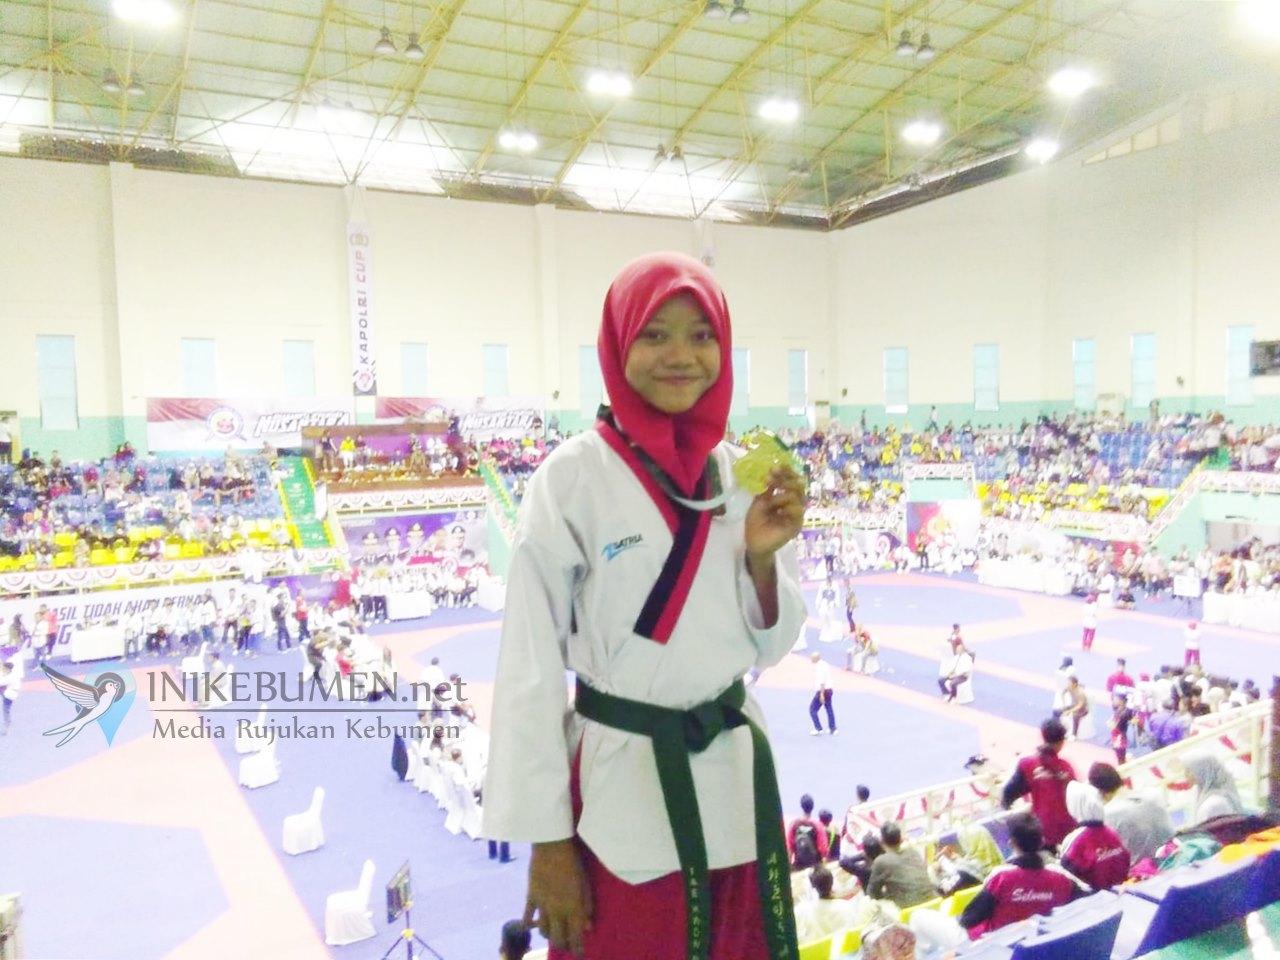 Alhamdulillah, Siswi SMP N 1 Karanganyar Raih Emas pada Kejurnas Tae Kwon Do